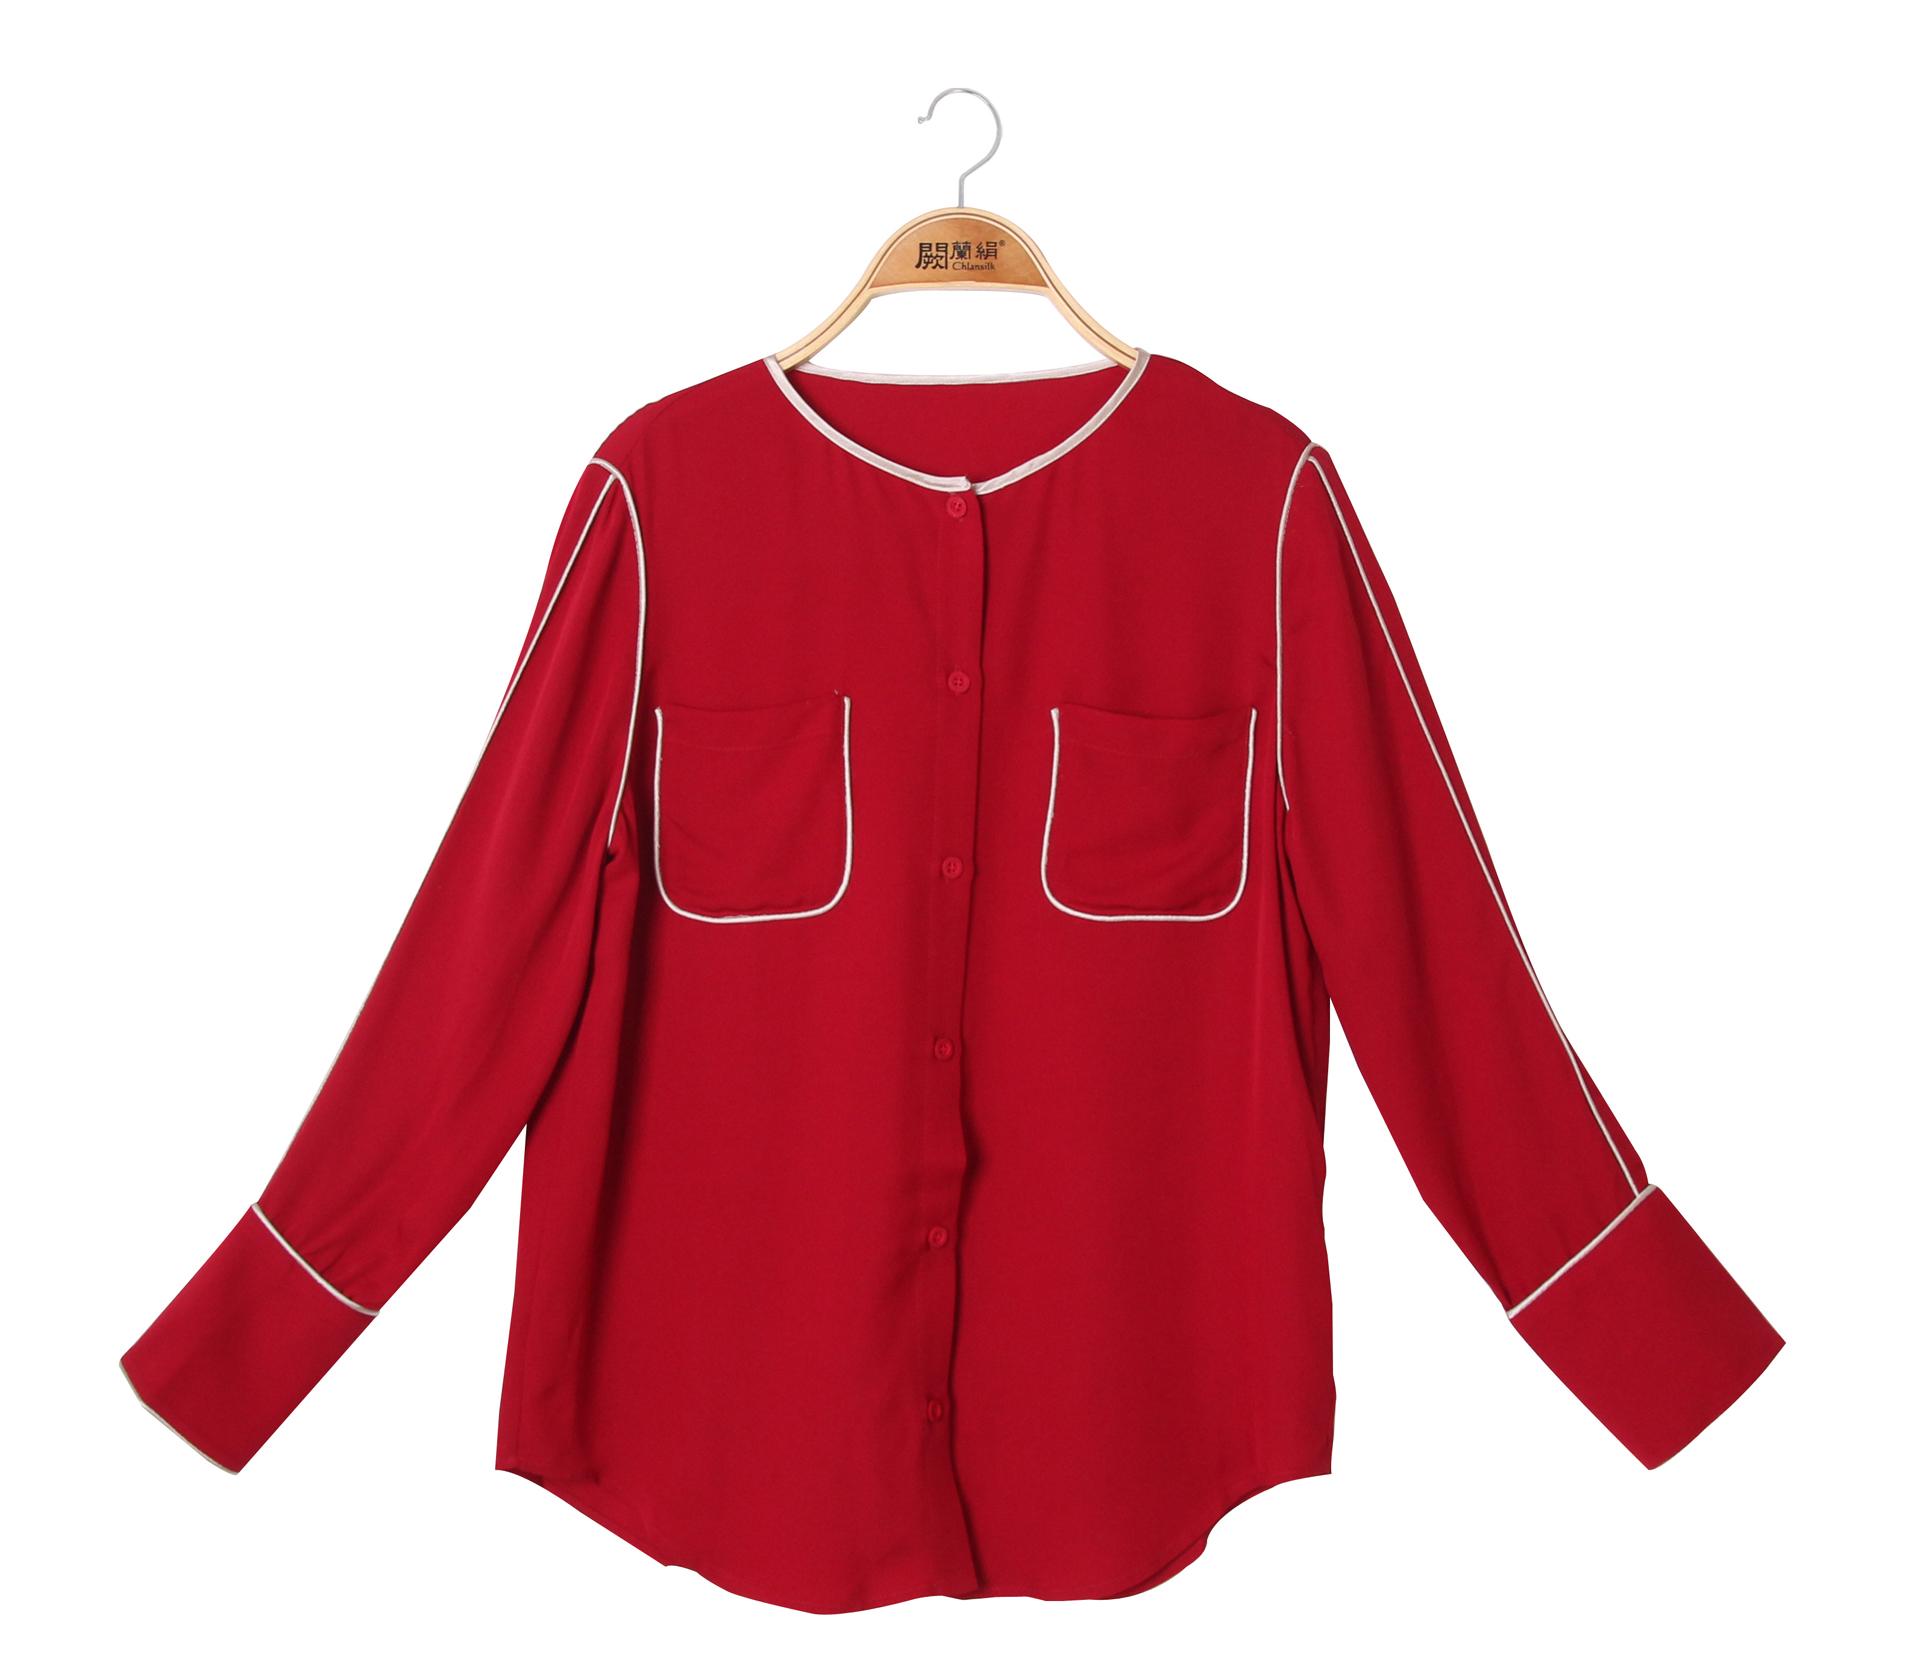 闕蘭絹配色滾邊雙口袋蠶絲紅色雪紡上衣 - 6013